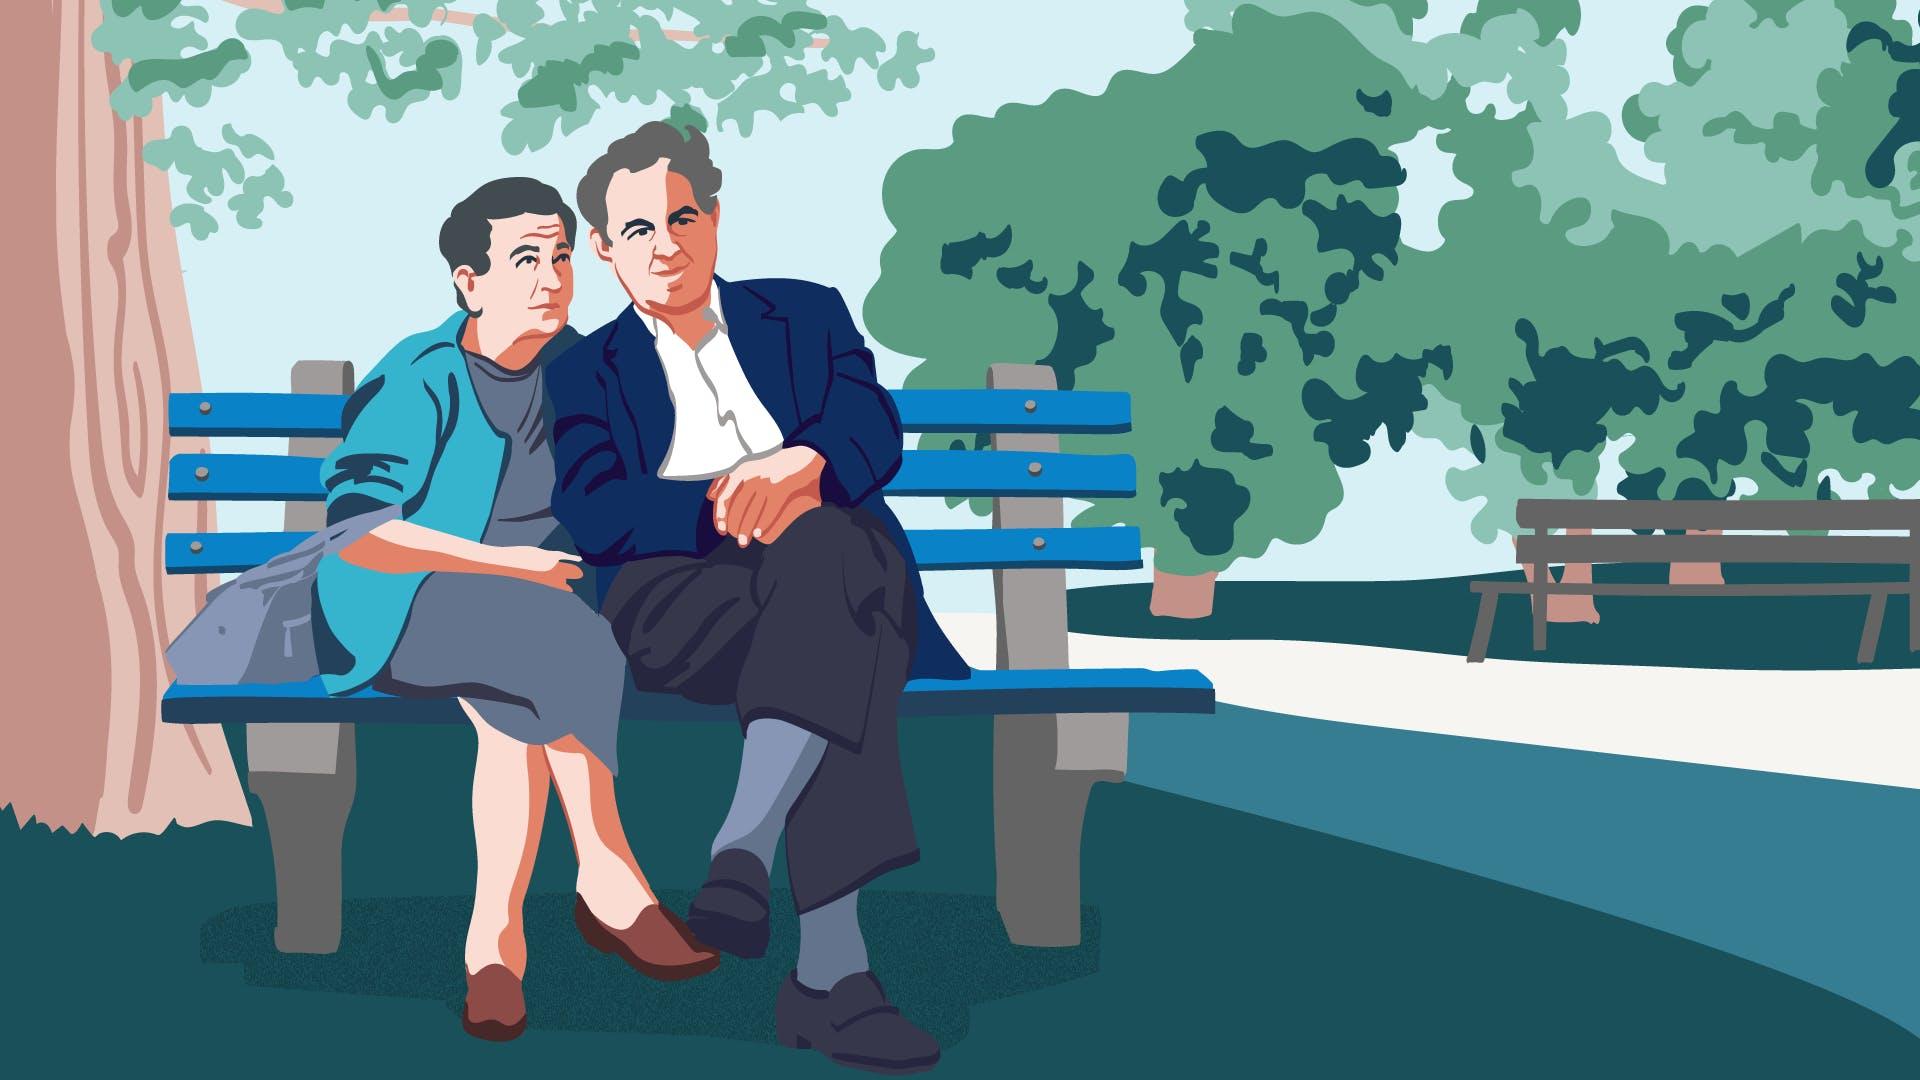 Älteres Ehepaar sitzend auf einer Parkbank um zu kommunizieren, dass für Instagram auch ein Gewerbe angemeldet werden muss.